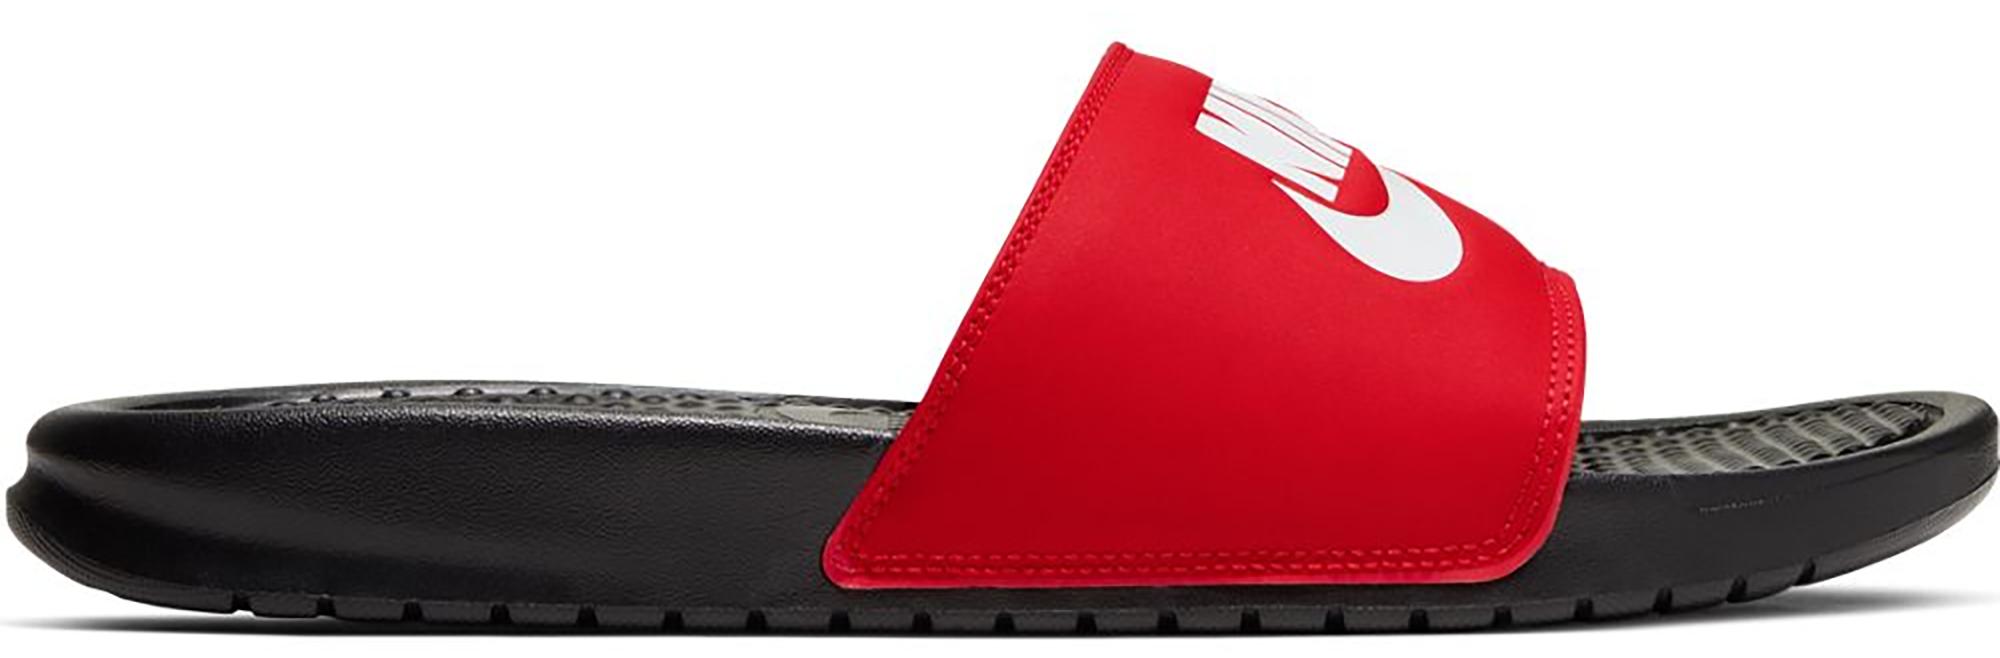 Nike Benassi JDI Black White Red